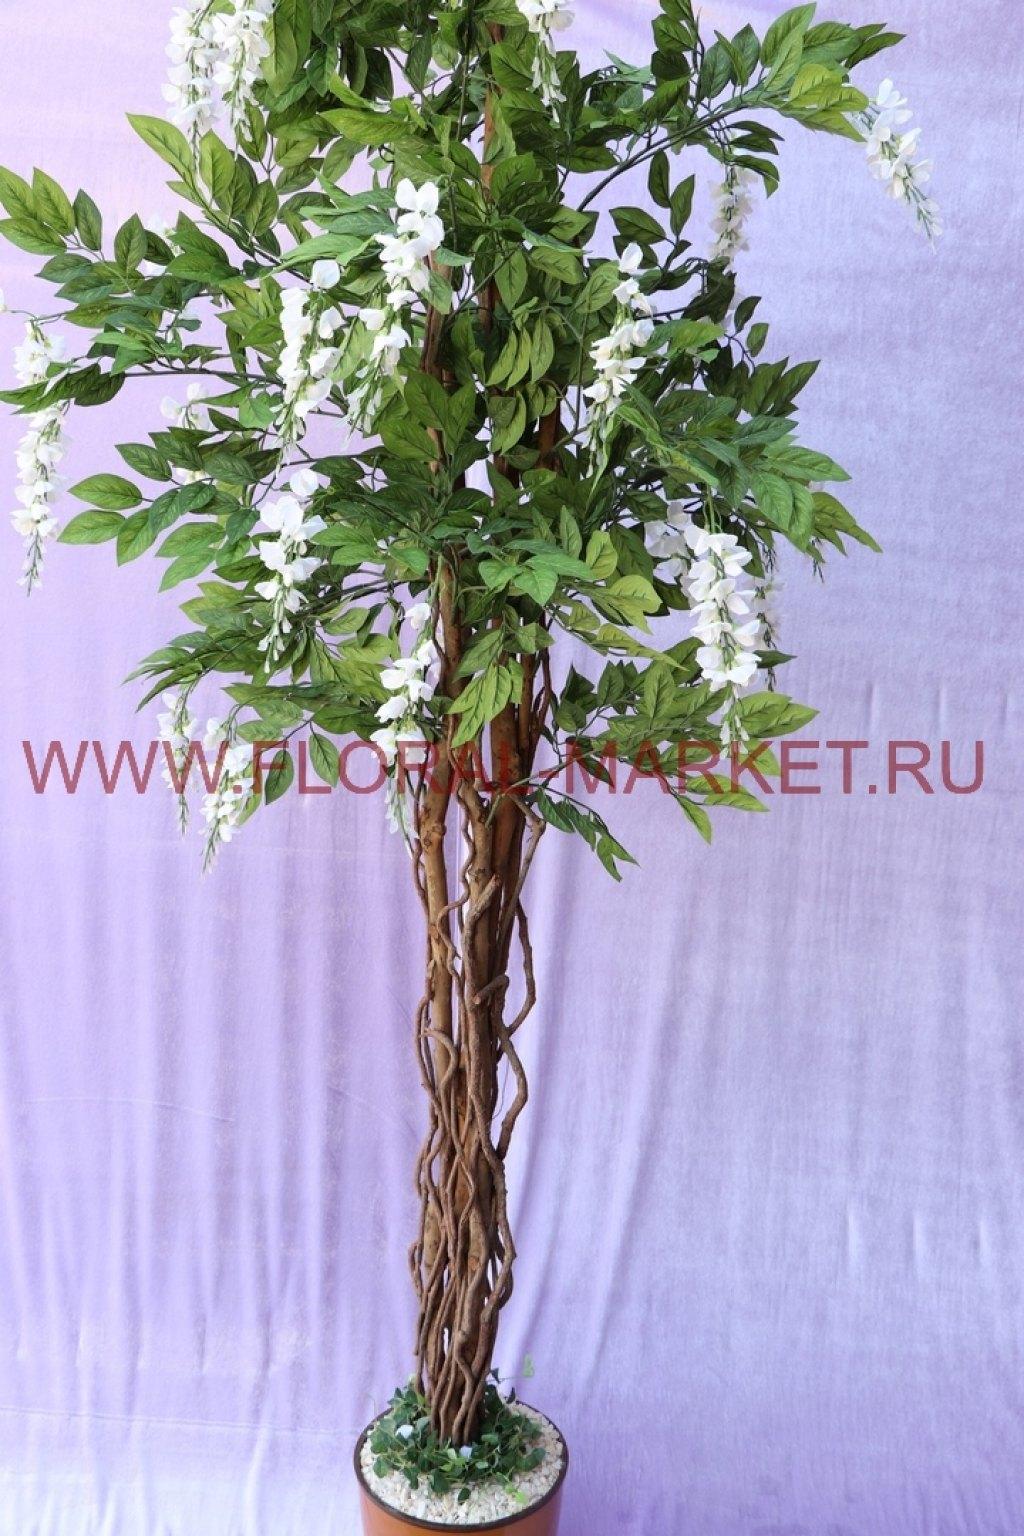 Дерево Акация с цветами h=205см.